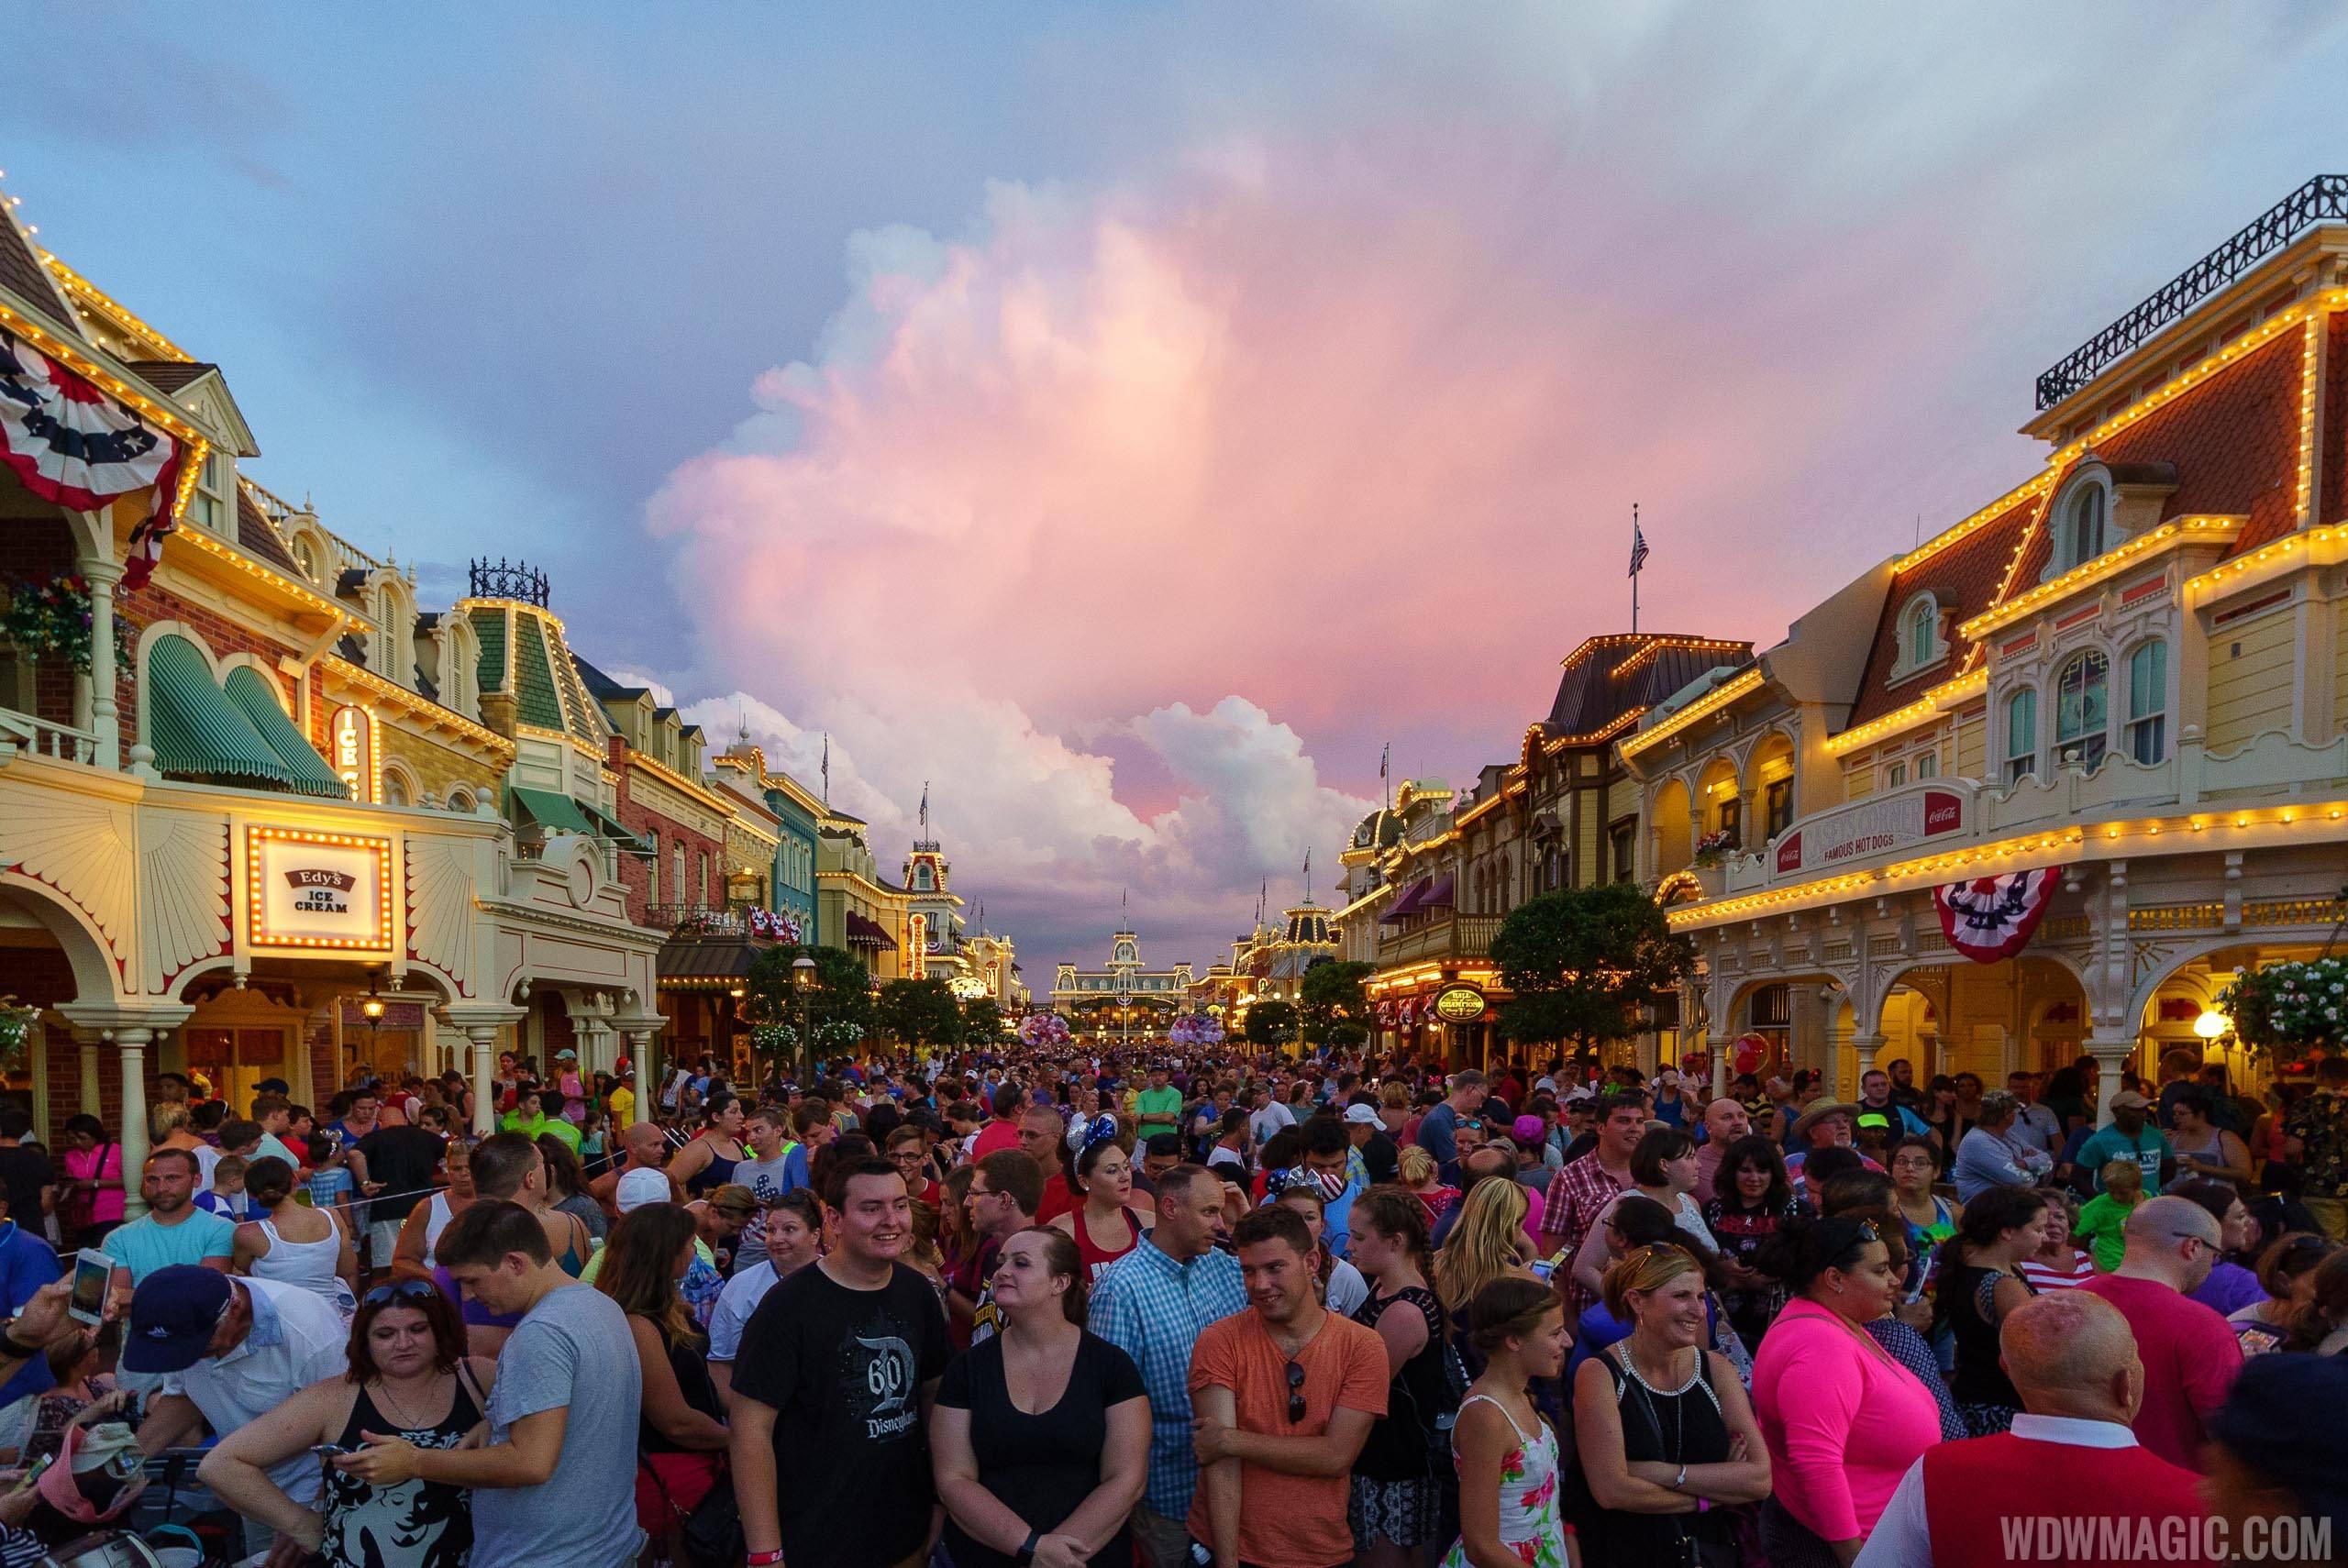 Fourth of July at Walt Disney World